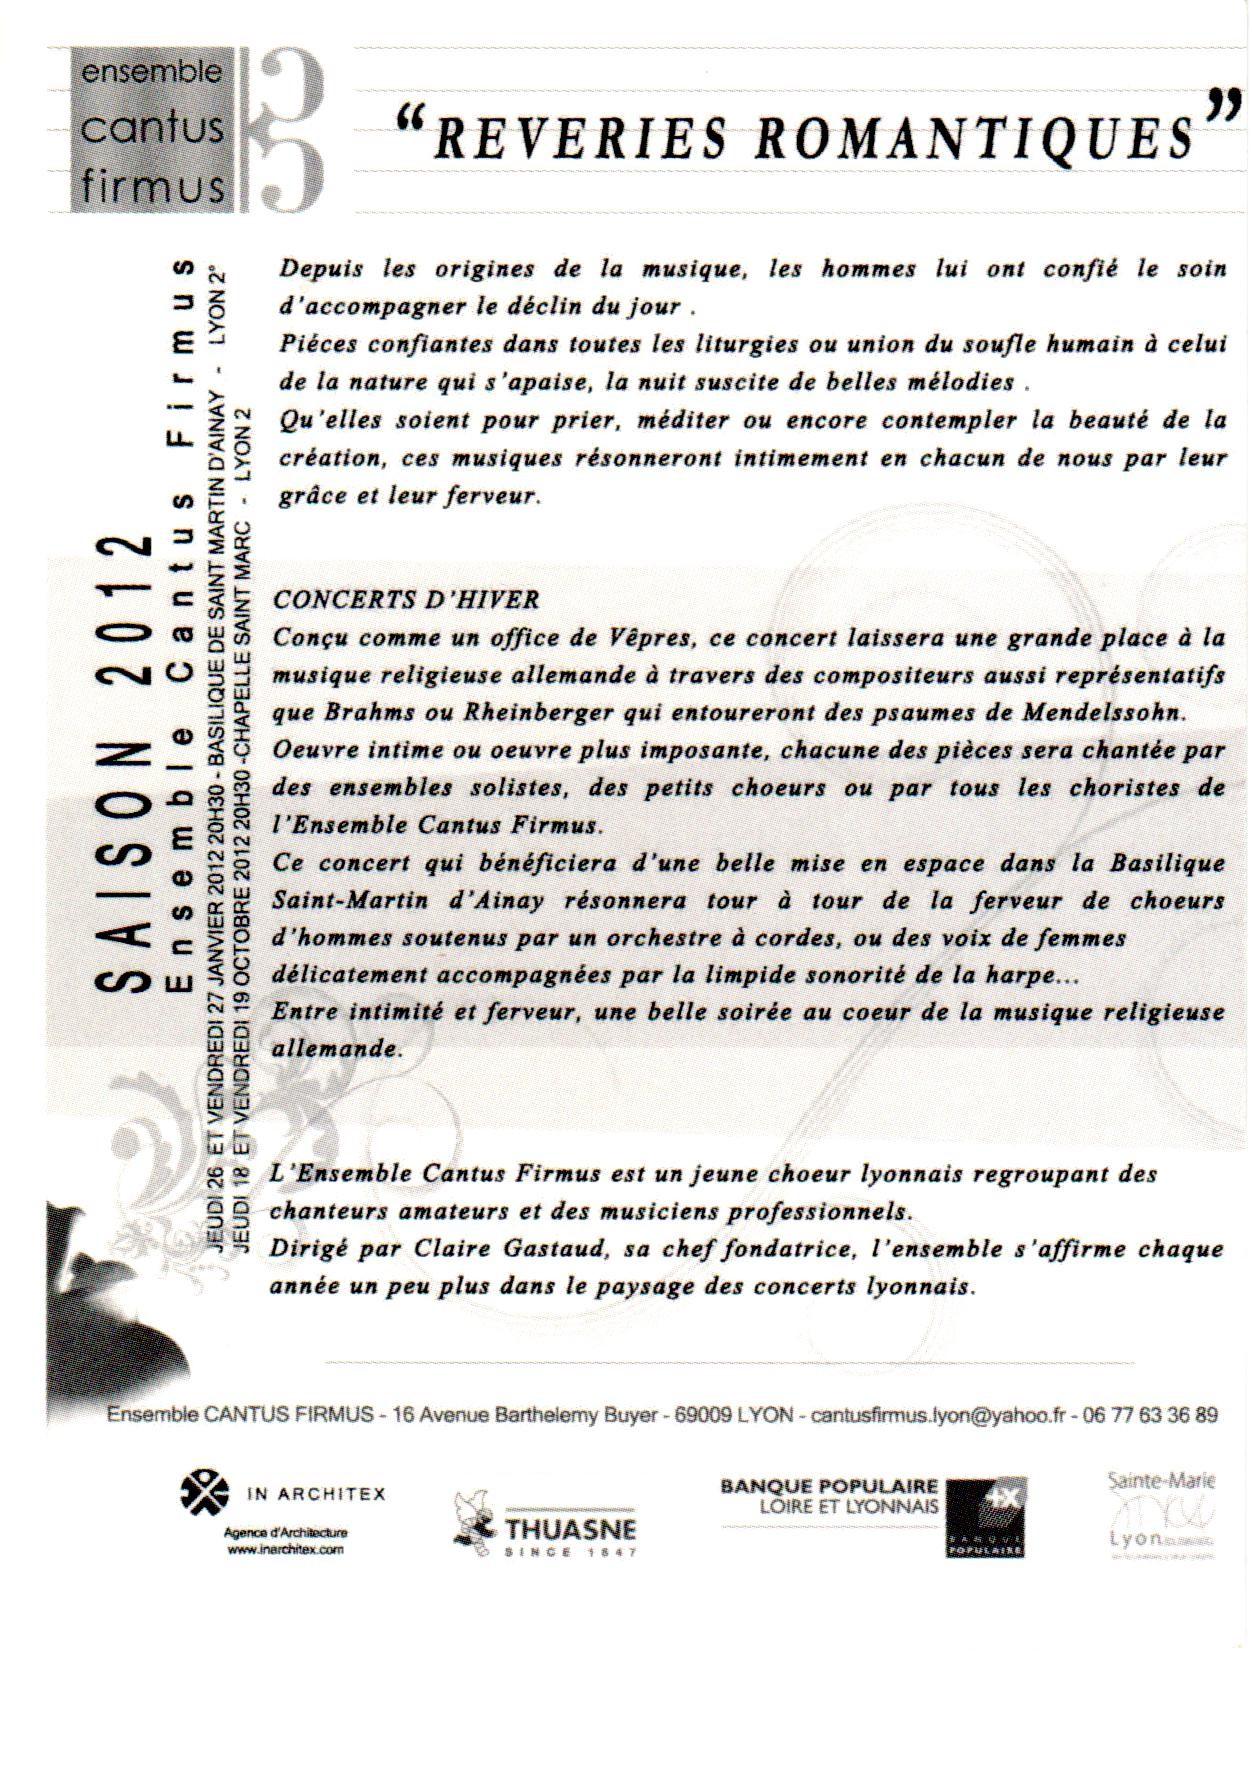 2012-01_REVERIES ROMANTIQUES (2)